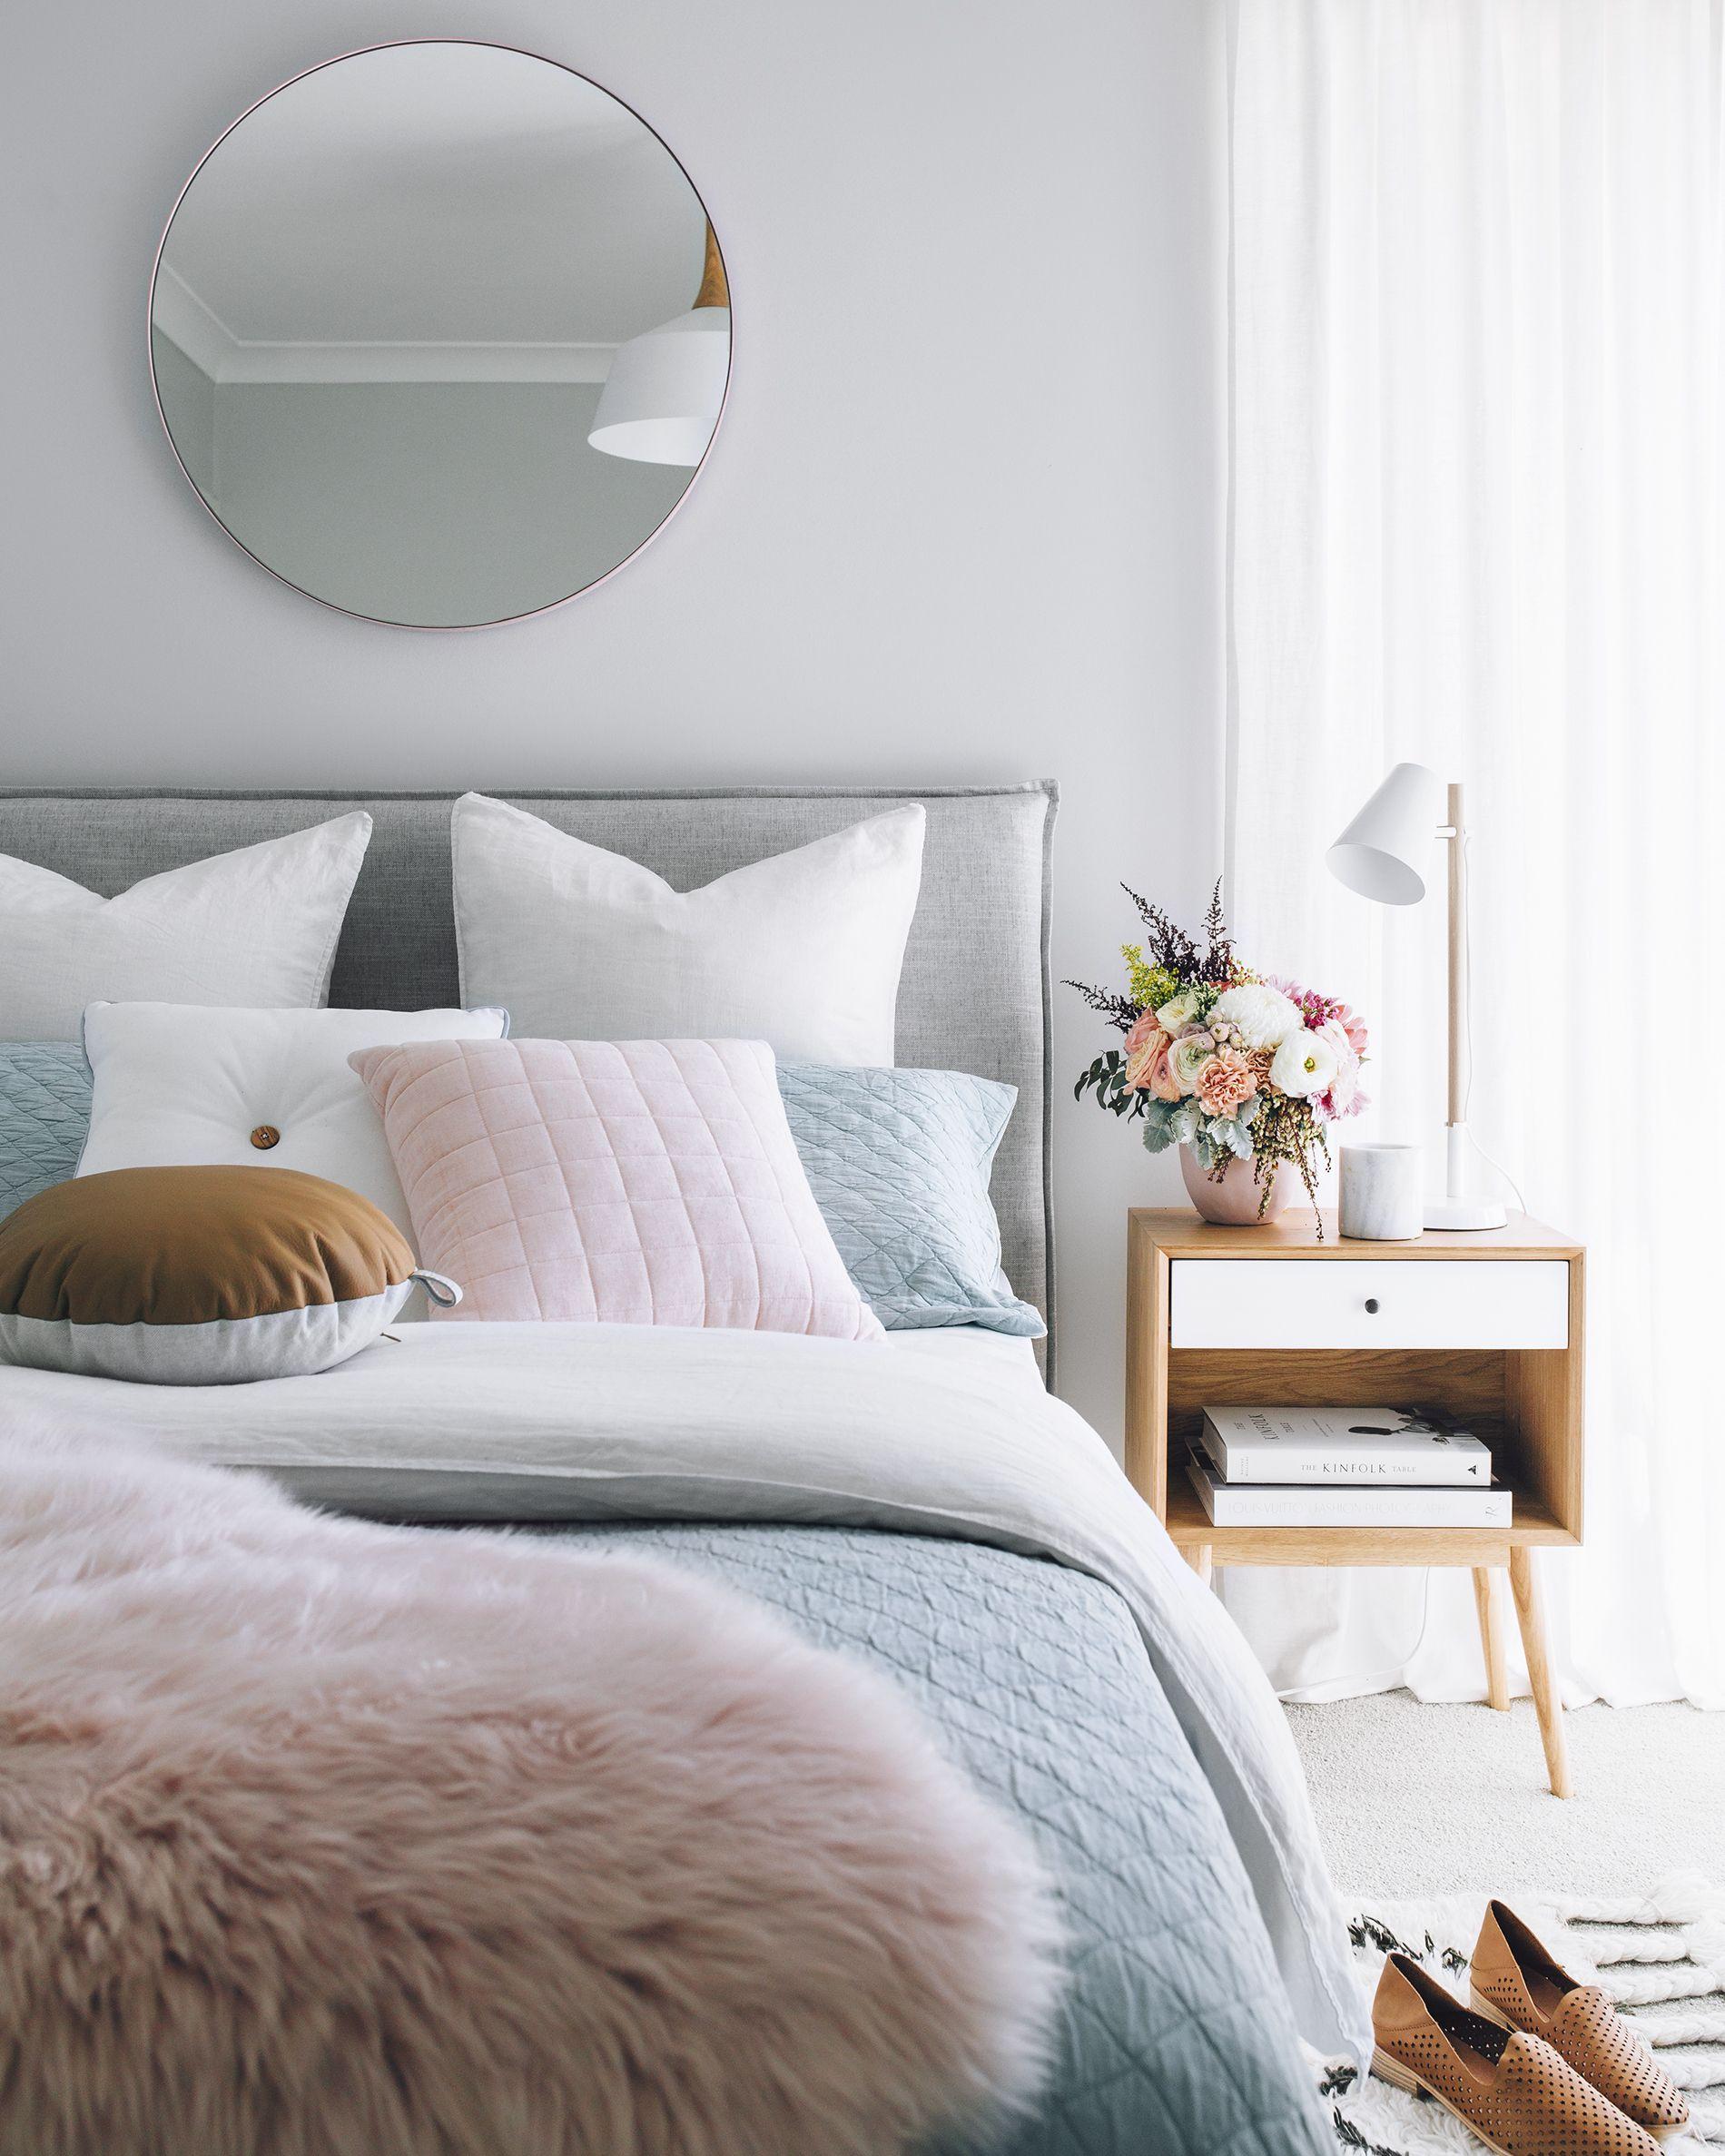 pink accents make hygge inspired furs summer friendly scandinavian summer decor